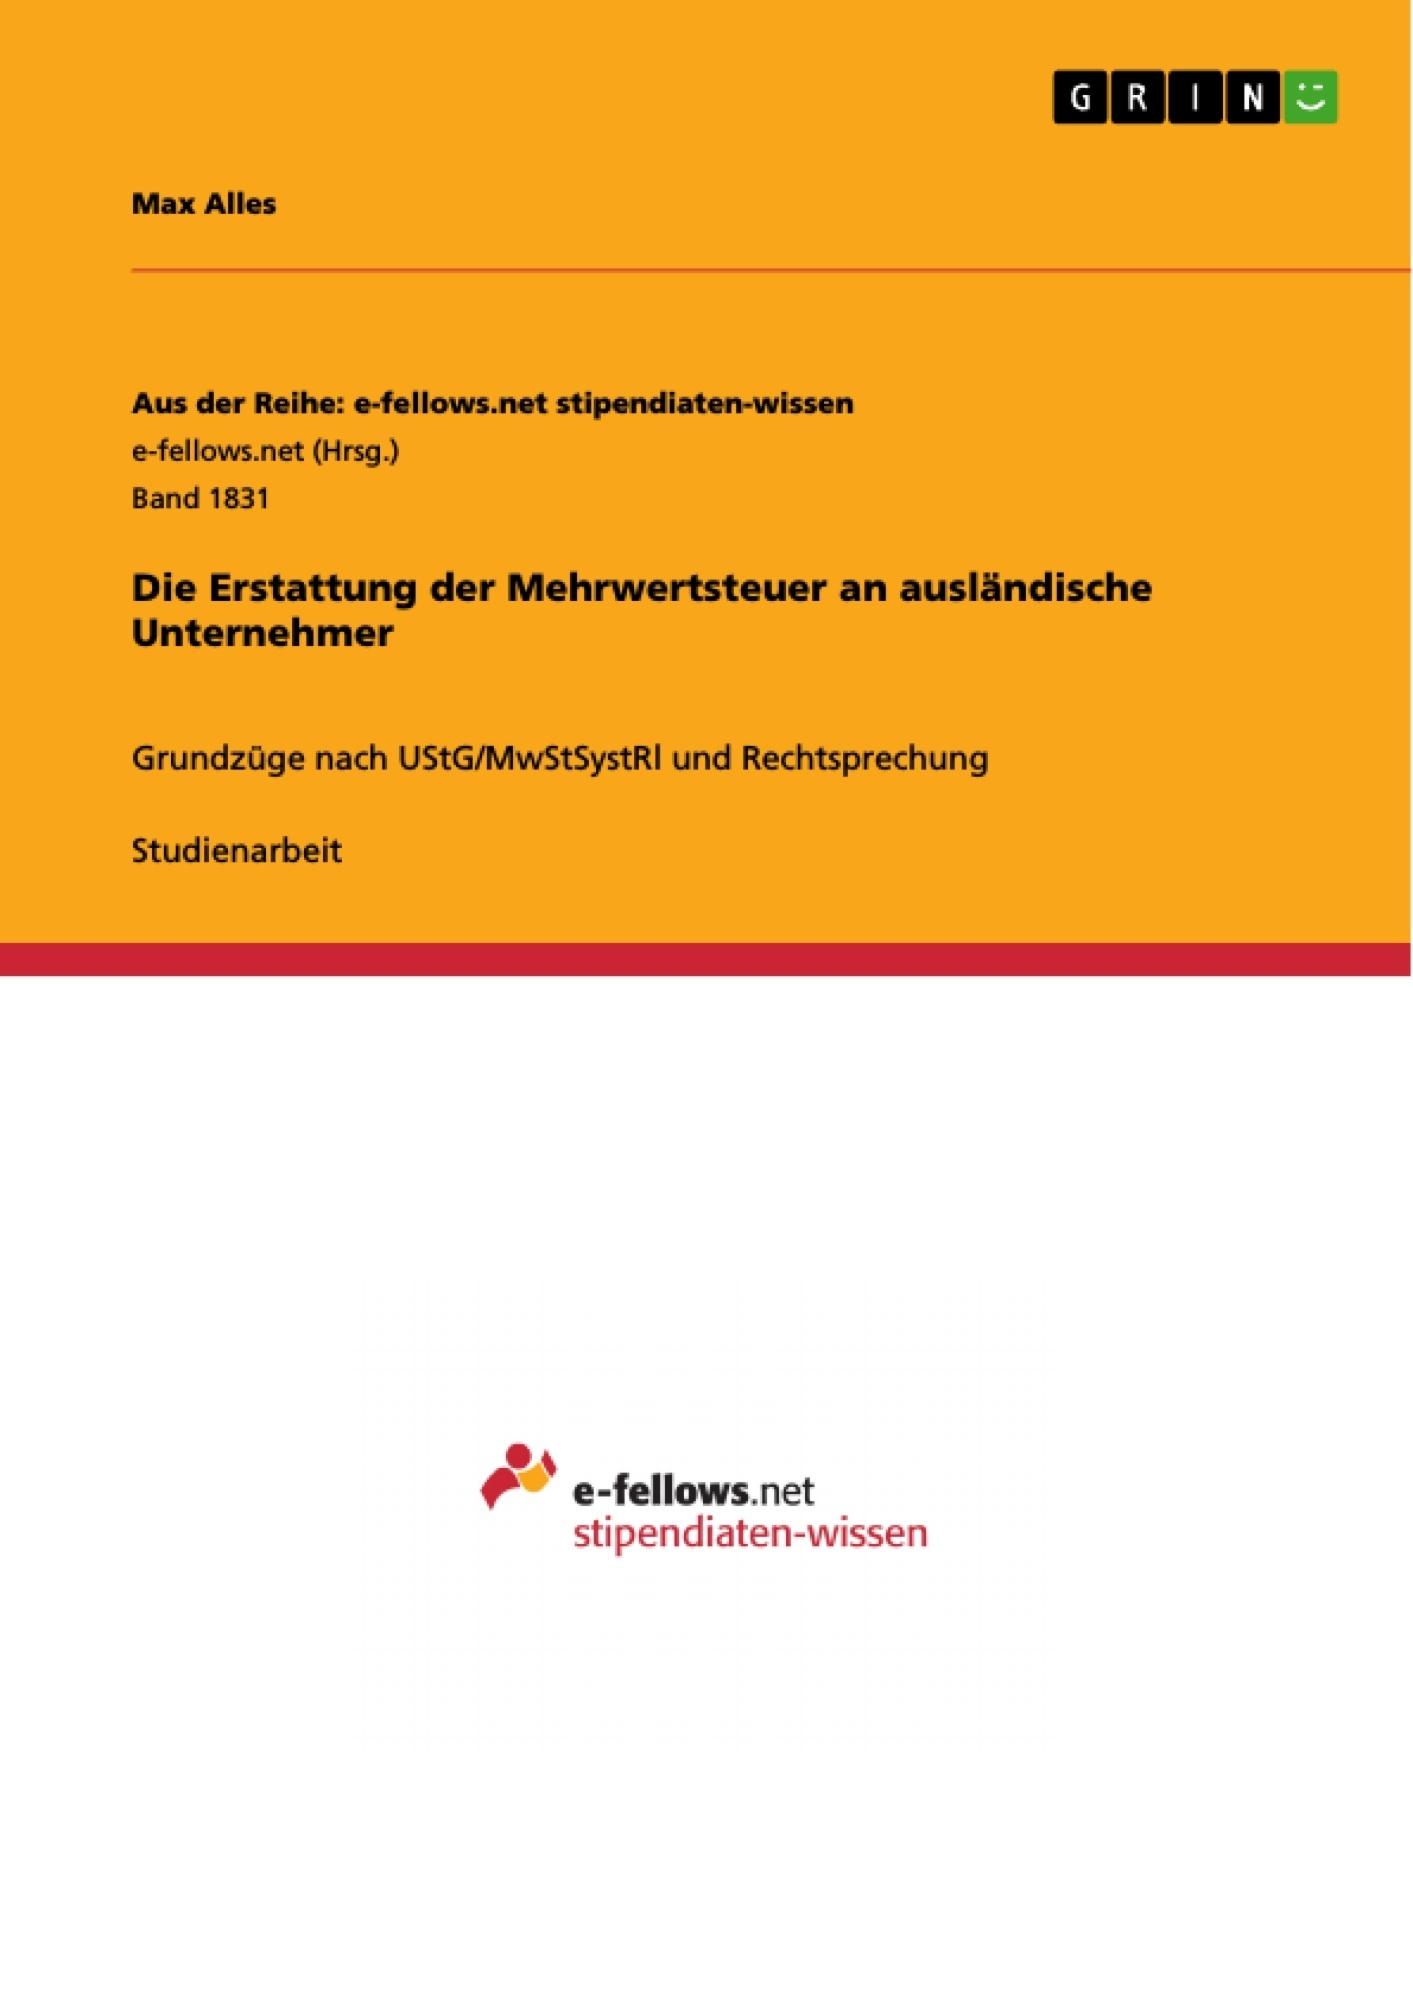 Titel: Die Erstattung der Mehrwertsteuer an ausländische Unternehmer